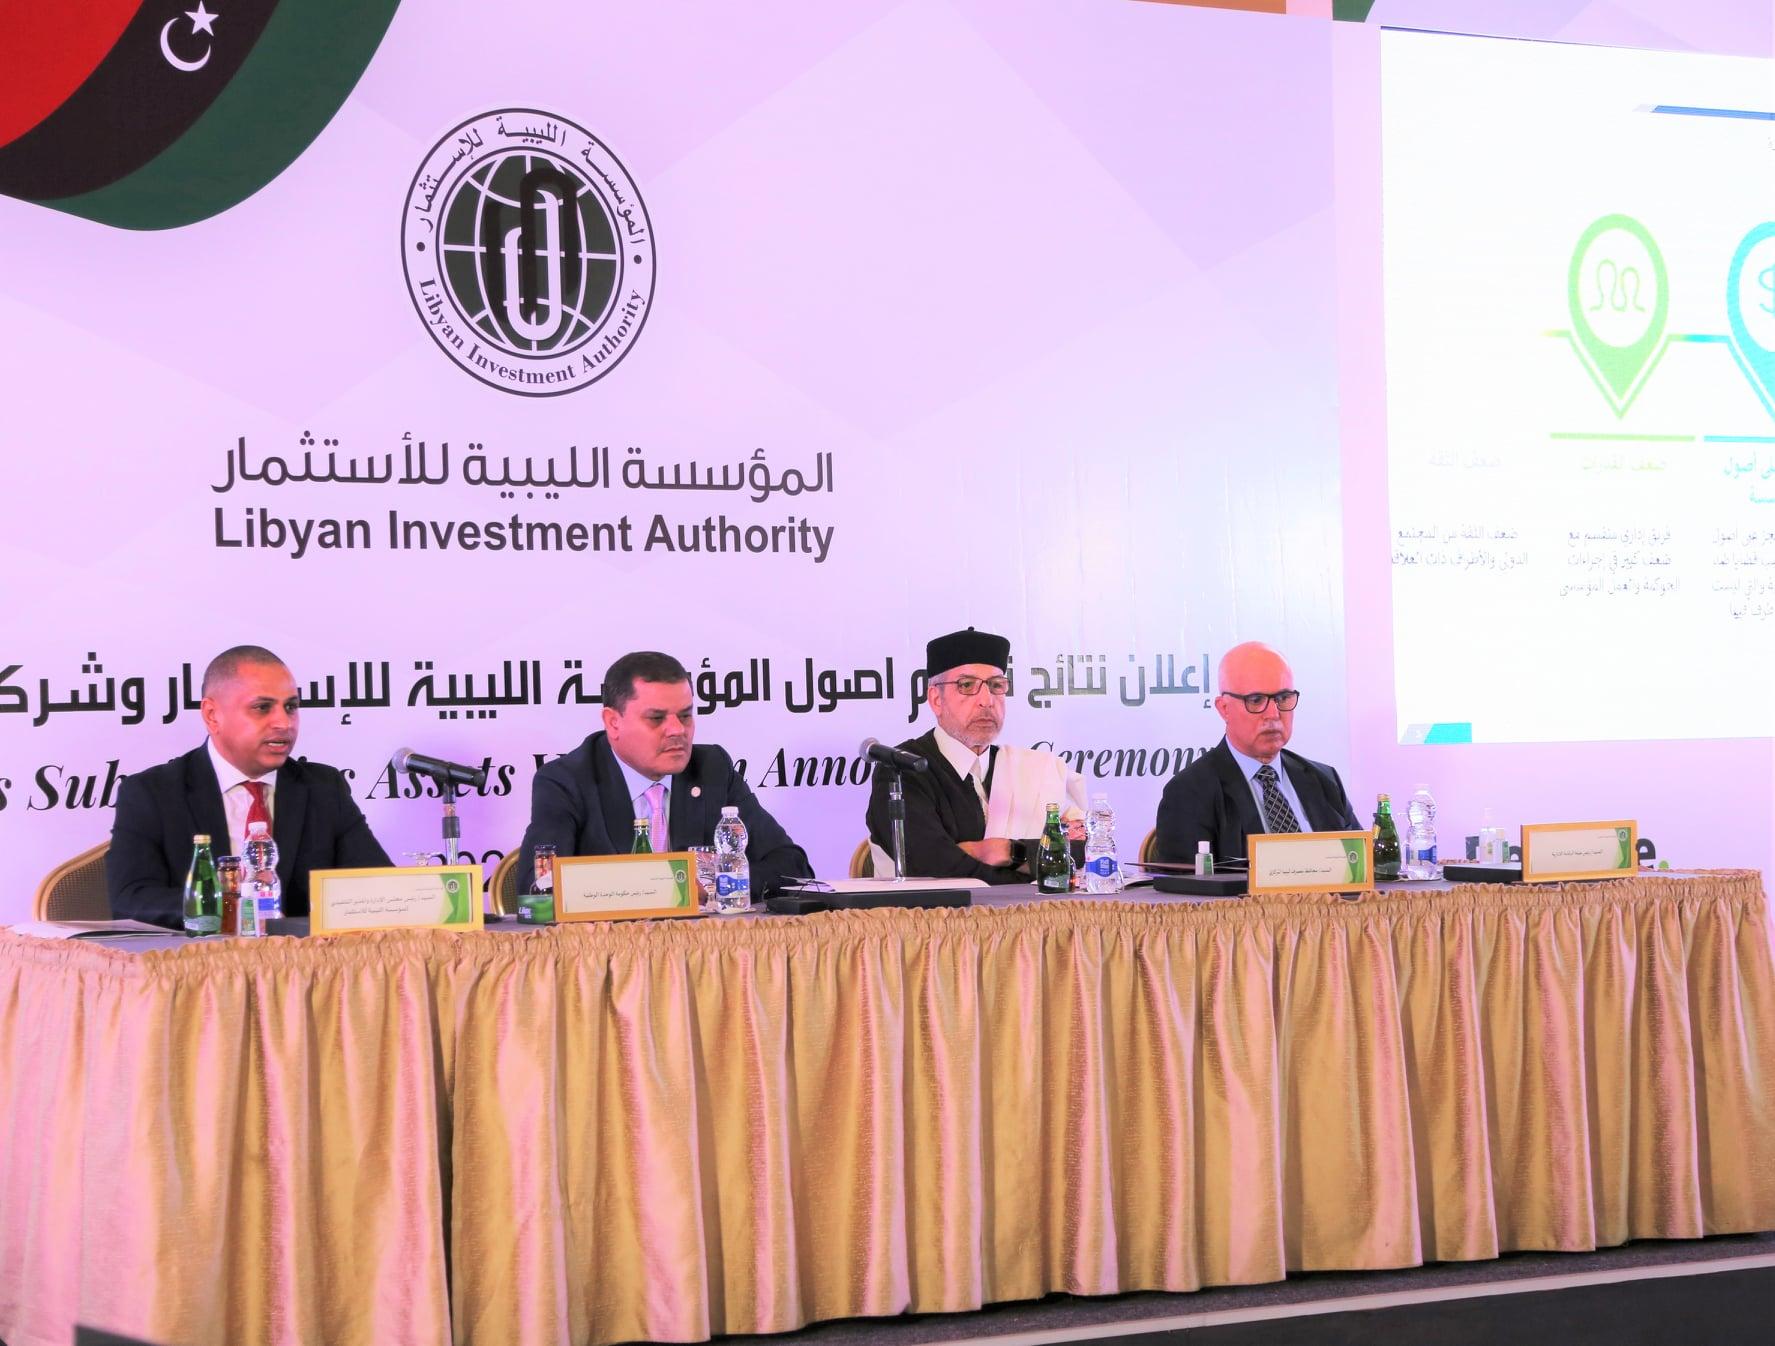 إعلان نتائج تقييم أصول المؤسسة الليبية للإستثمار